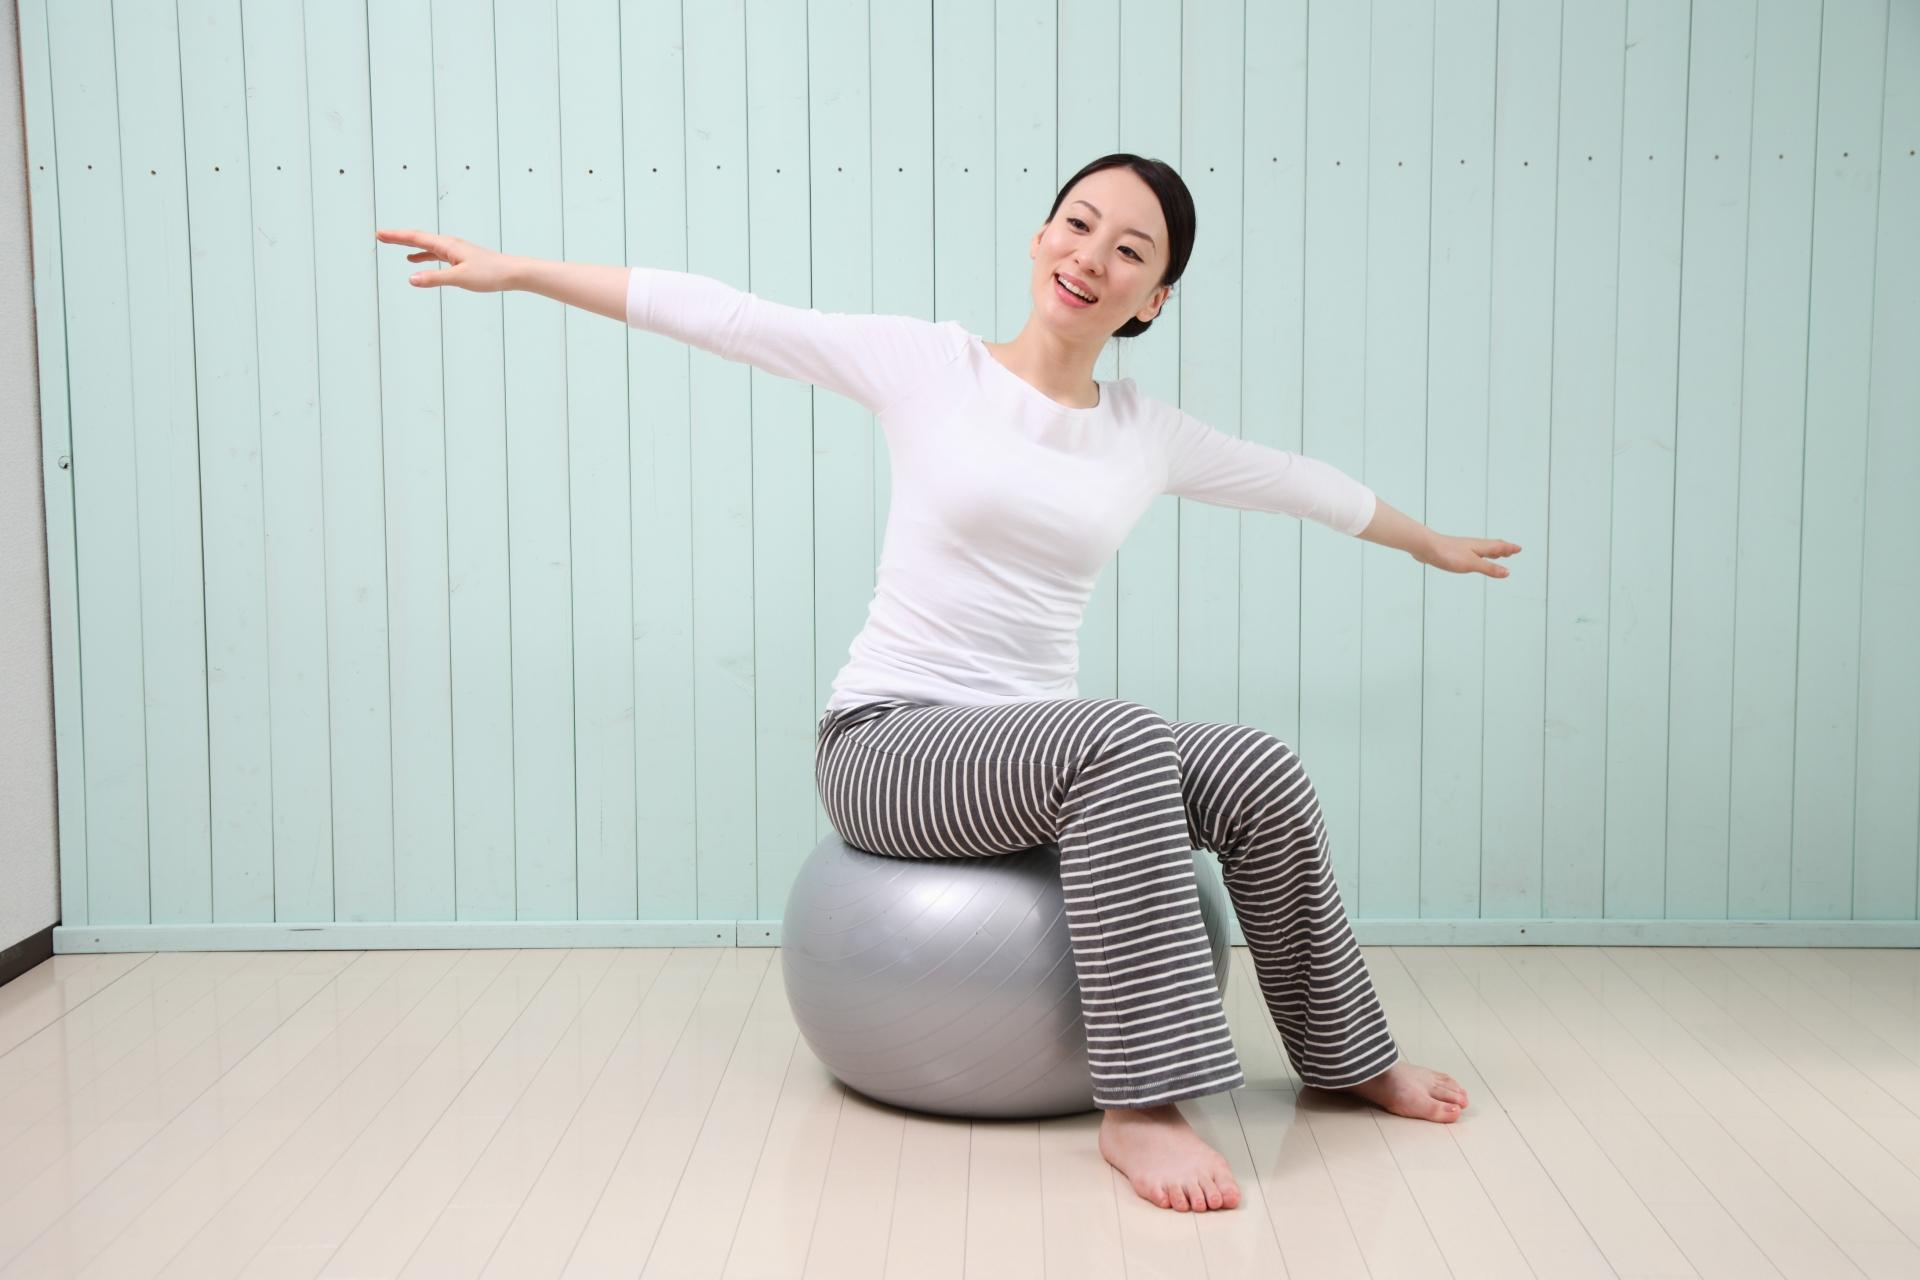 一過性脳虚血発作の予防 バランスボールに乗る女性